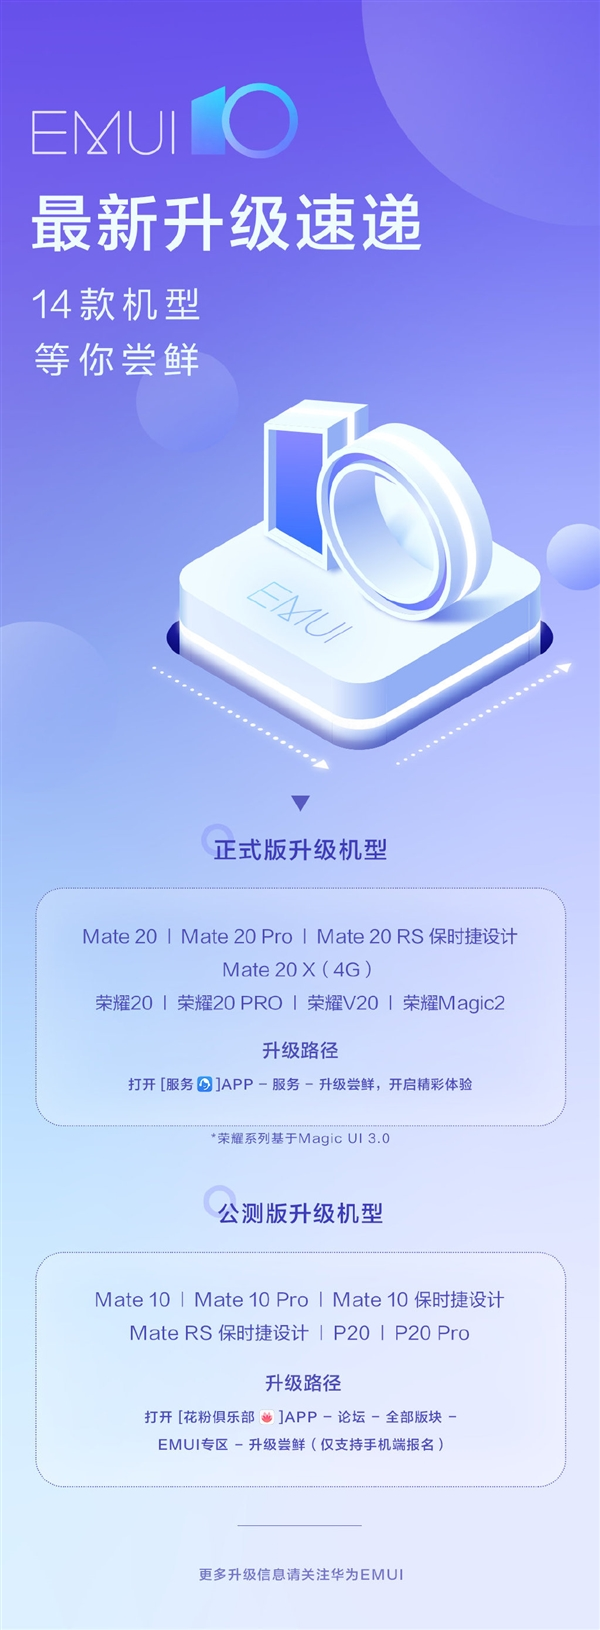 华为Mate 20 Pro等8款机型升级EMUI10正式版